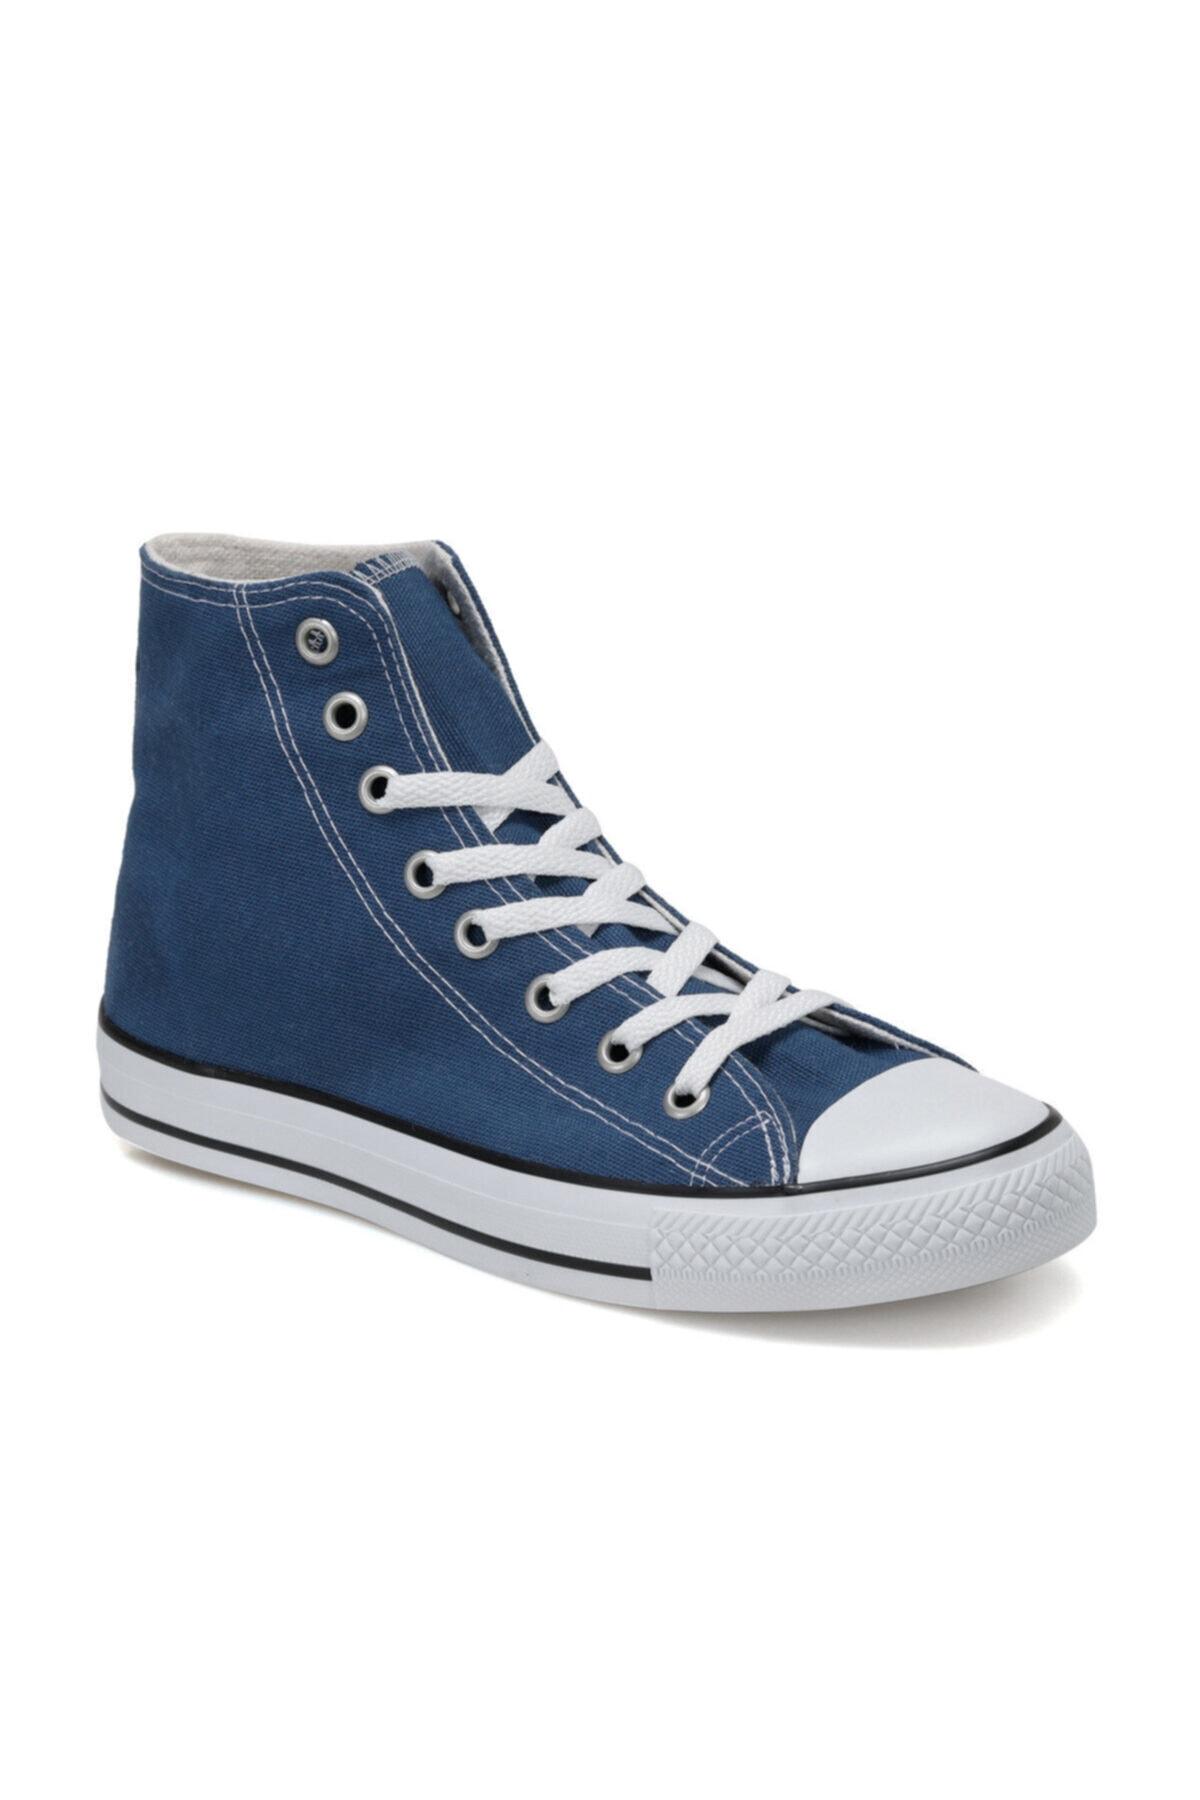 FORESTER EC-1105 HI Mavi Erkek Kalın Tabanlı Sneaker 100669440 1